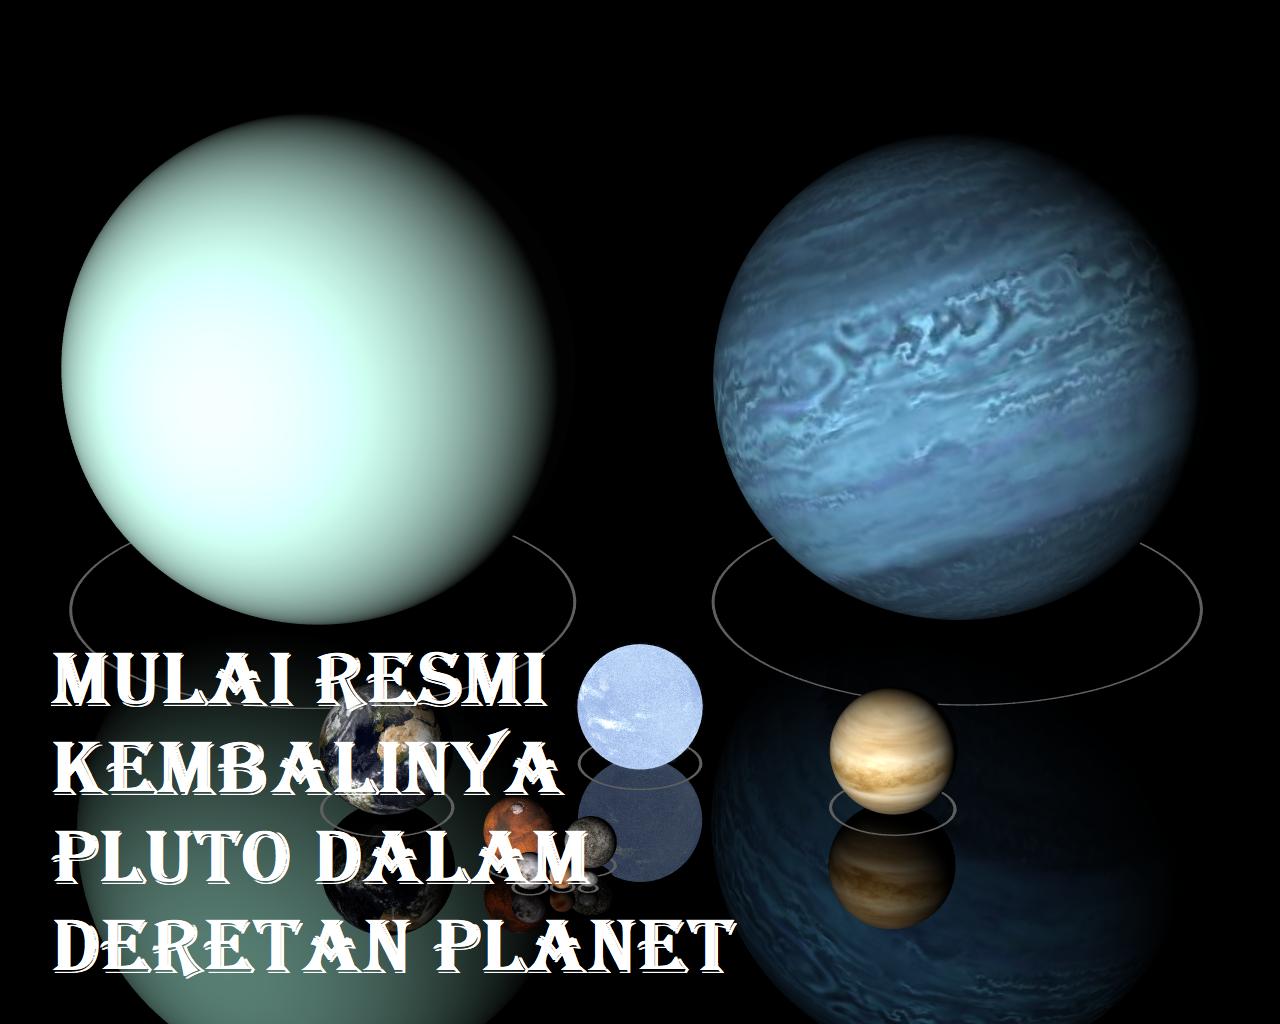 Mulai Resmi Kembalinya Pluto Dalam Deretan Planet